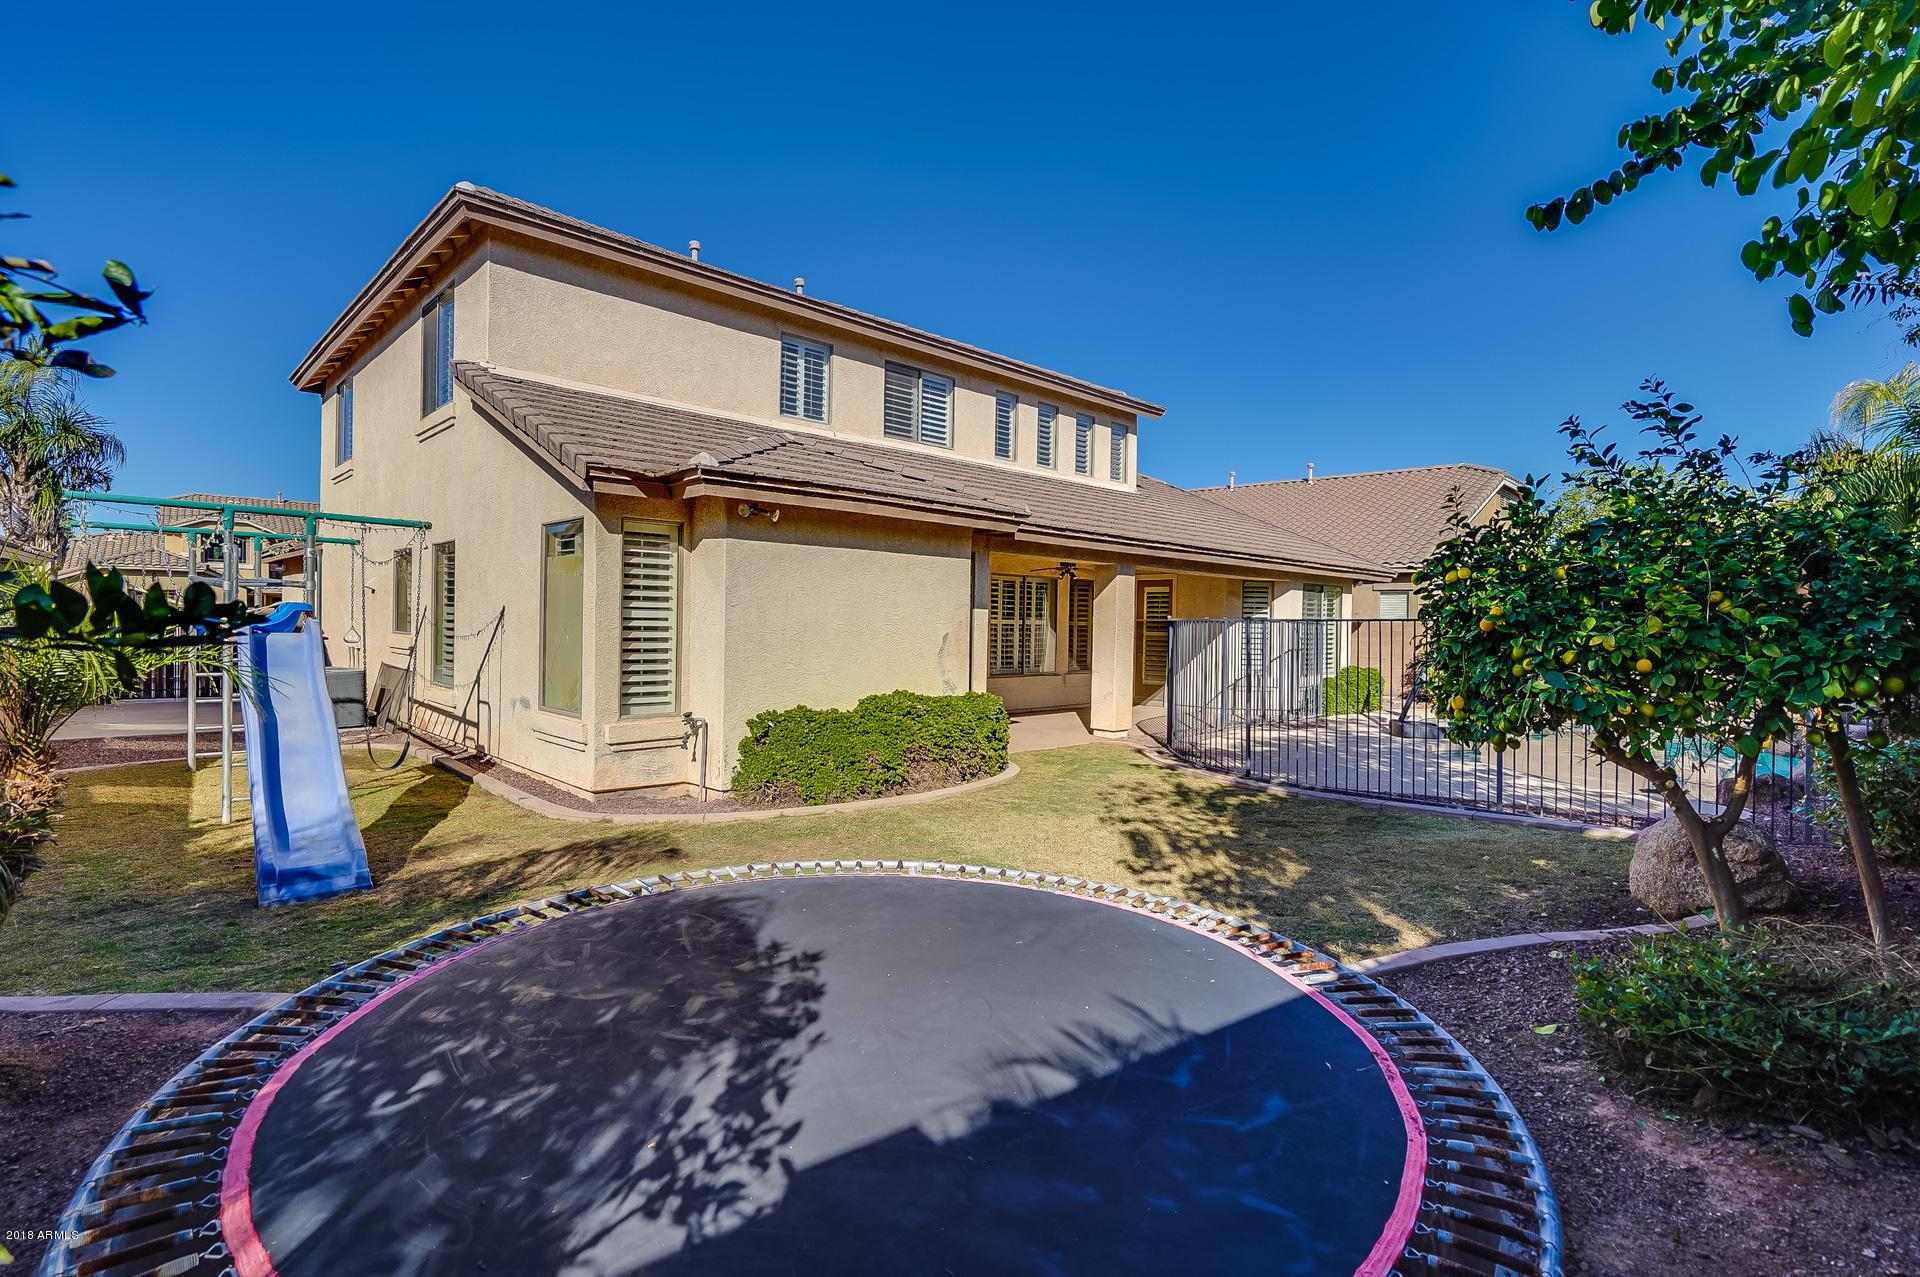 MLS 5836294 3927 E ANDRE Avenue, Gilbert, AZ 85298 Gilbert AZ Seville